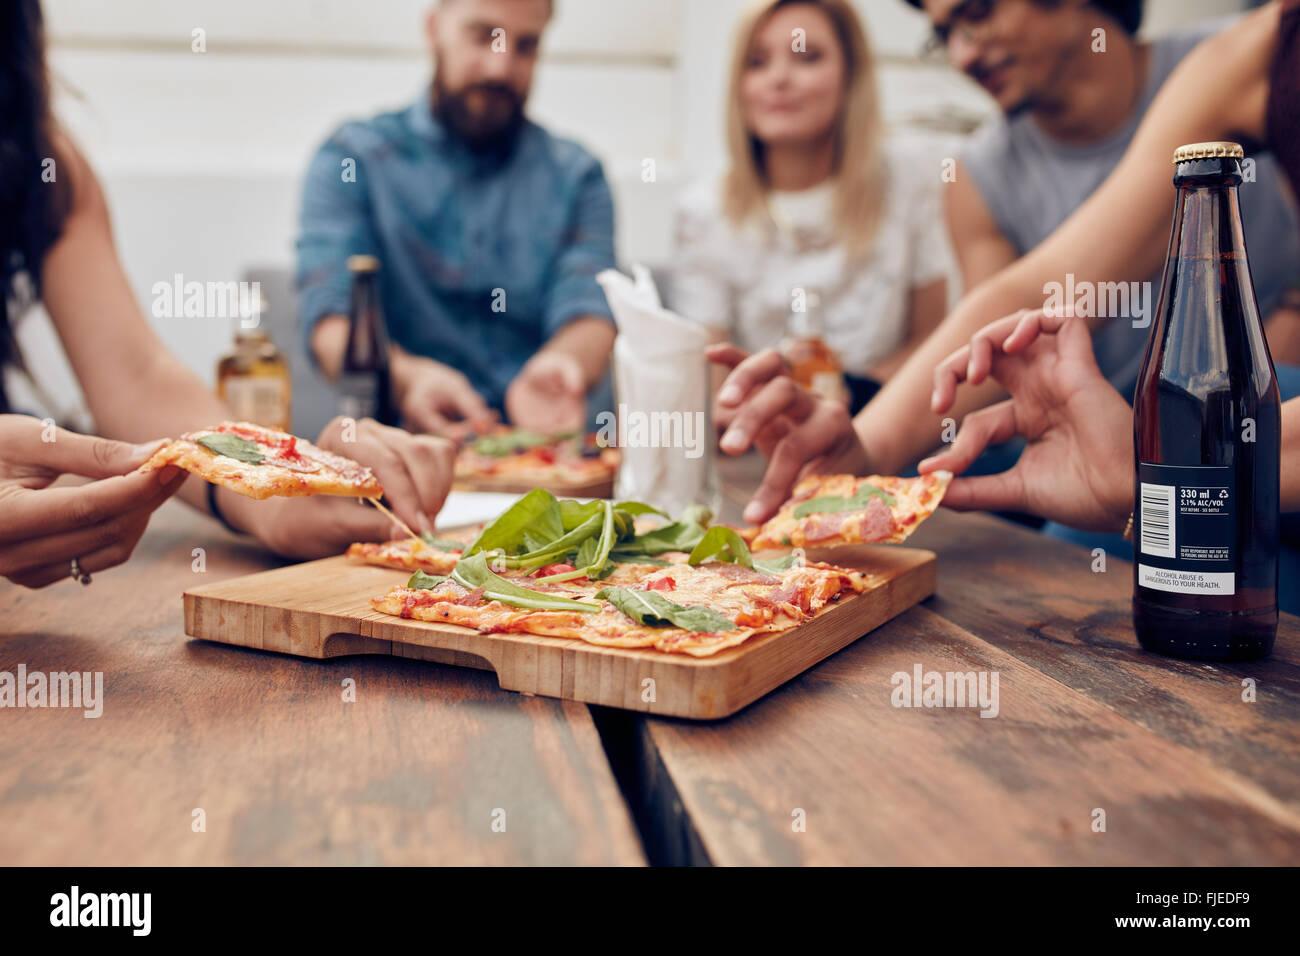 Primer plano de la pizza en la mesa, con un grupo de jóvenes sentados alrededor y recoger una porción. Imagen De Stock